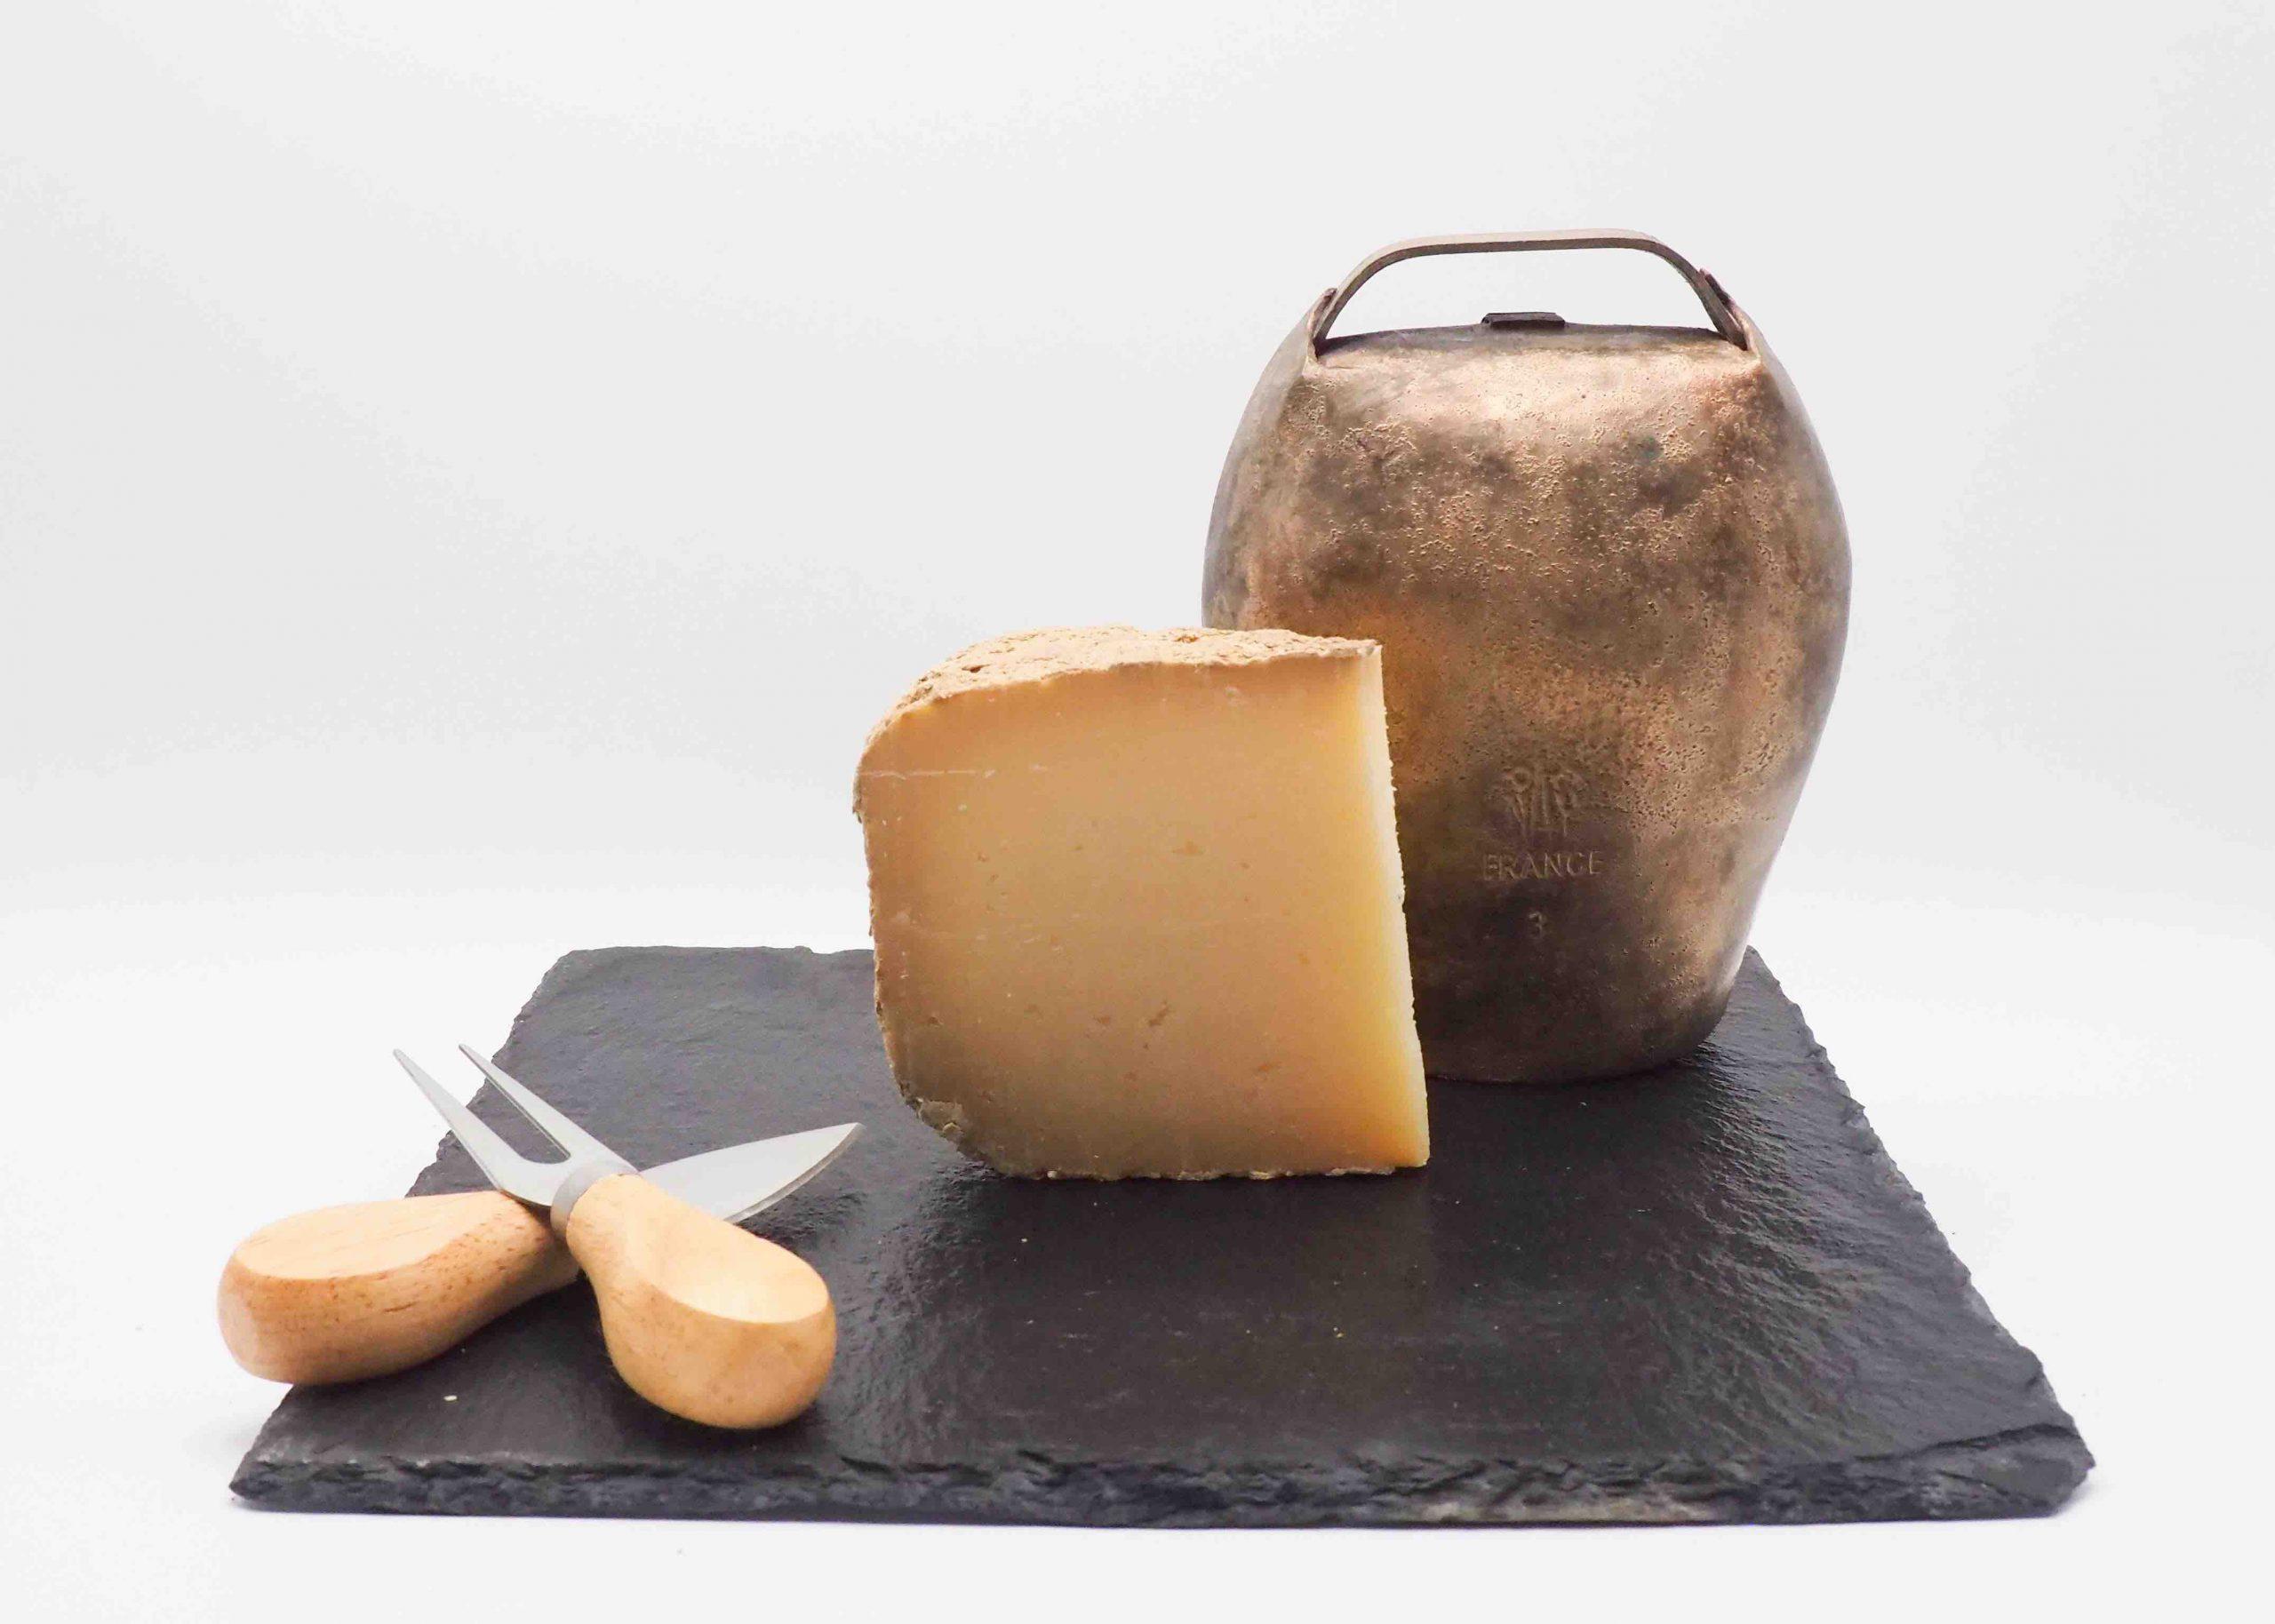 Acheter du fromage de qualité en ligne avec notre artisan meilleur ouvrier de France et livraison à domicile